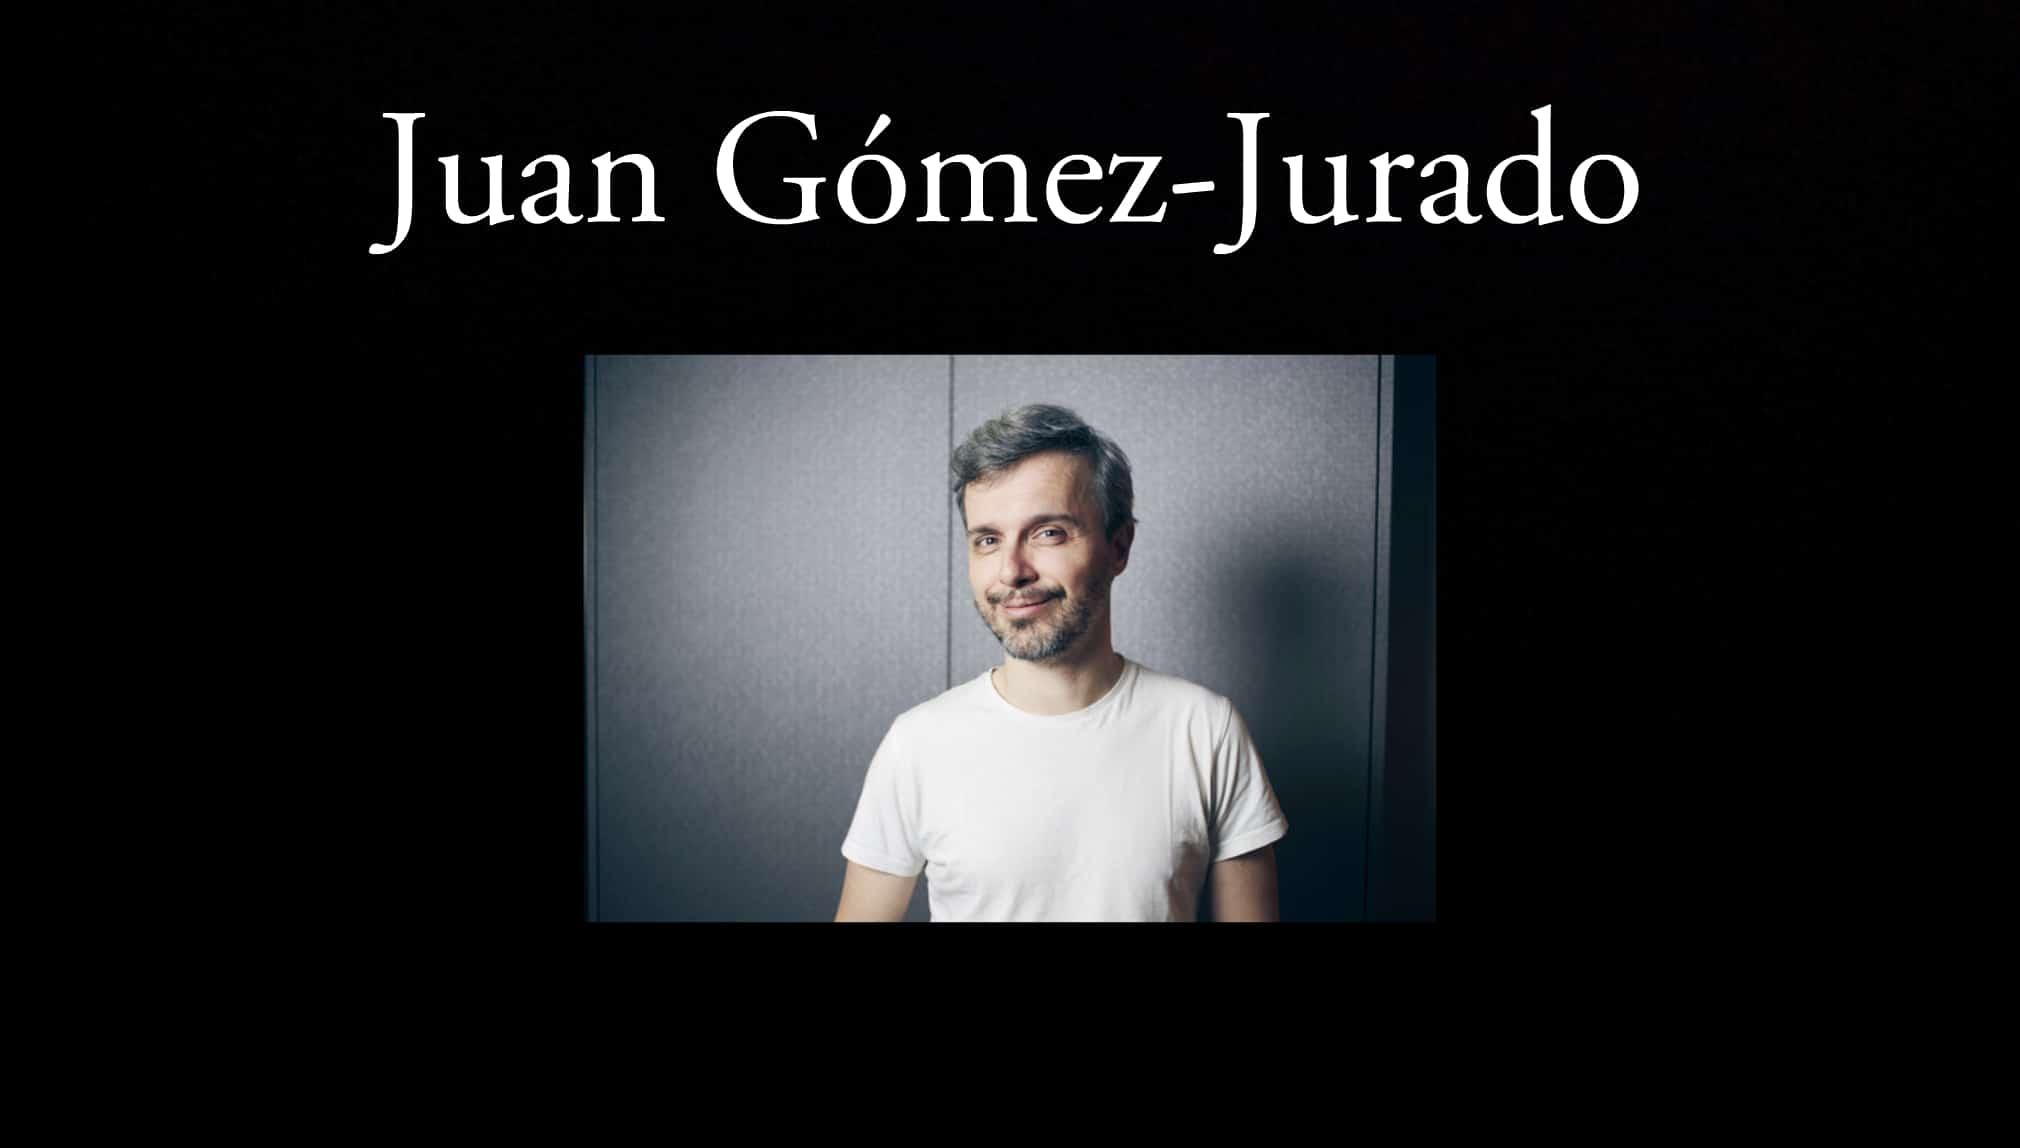 Juan Gómez-Jurado.